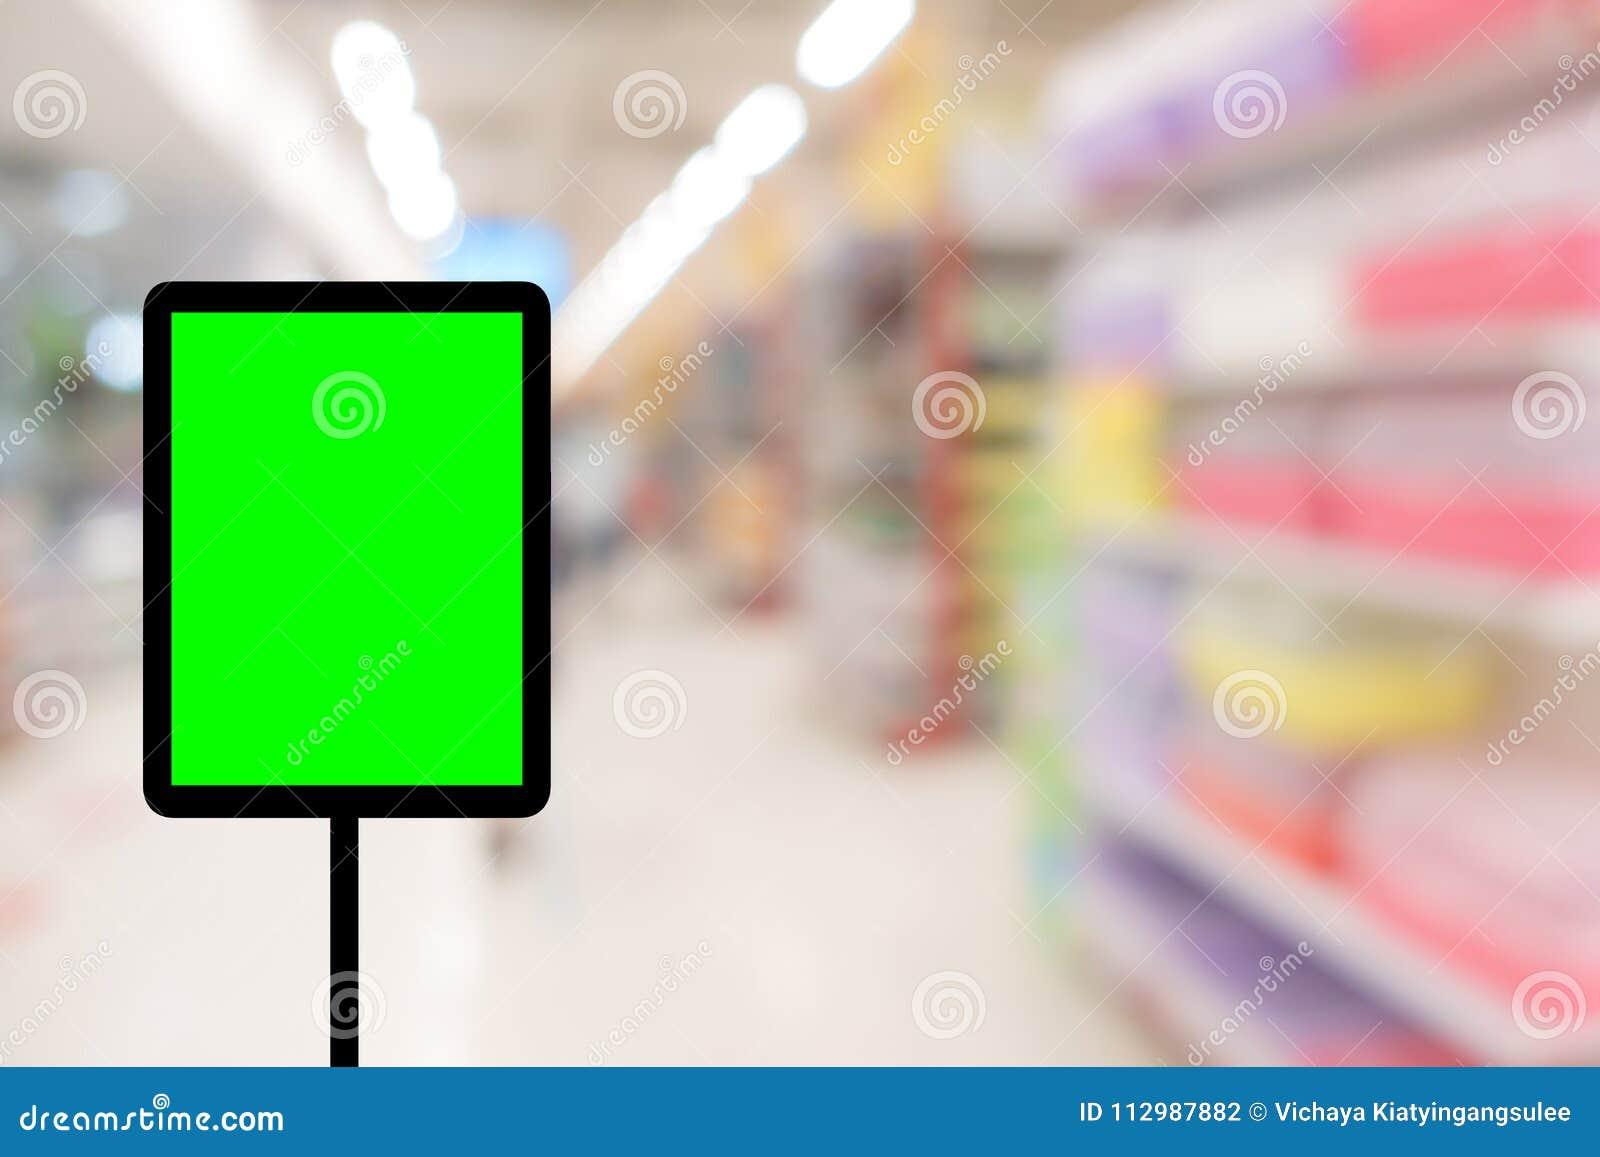 Blurred background : Supermarket